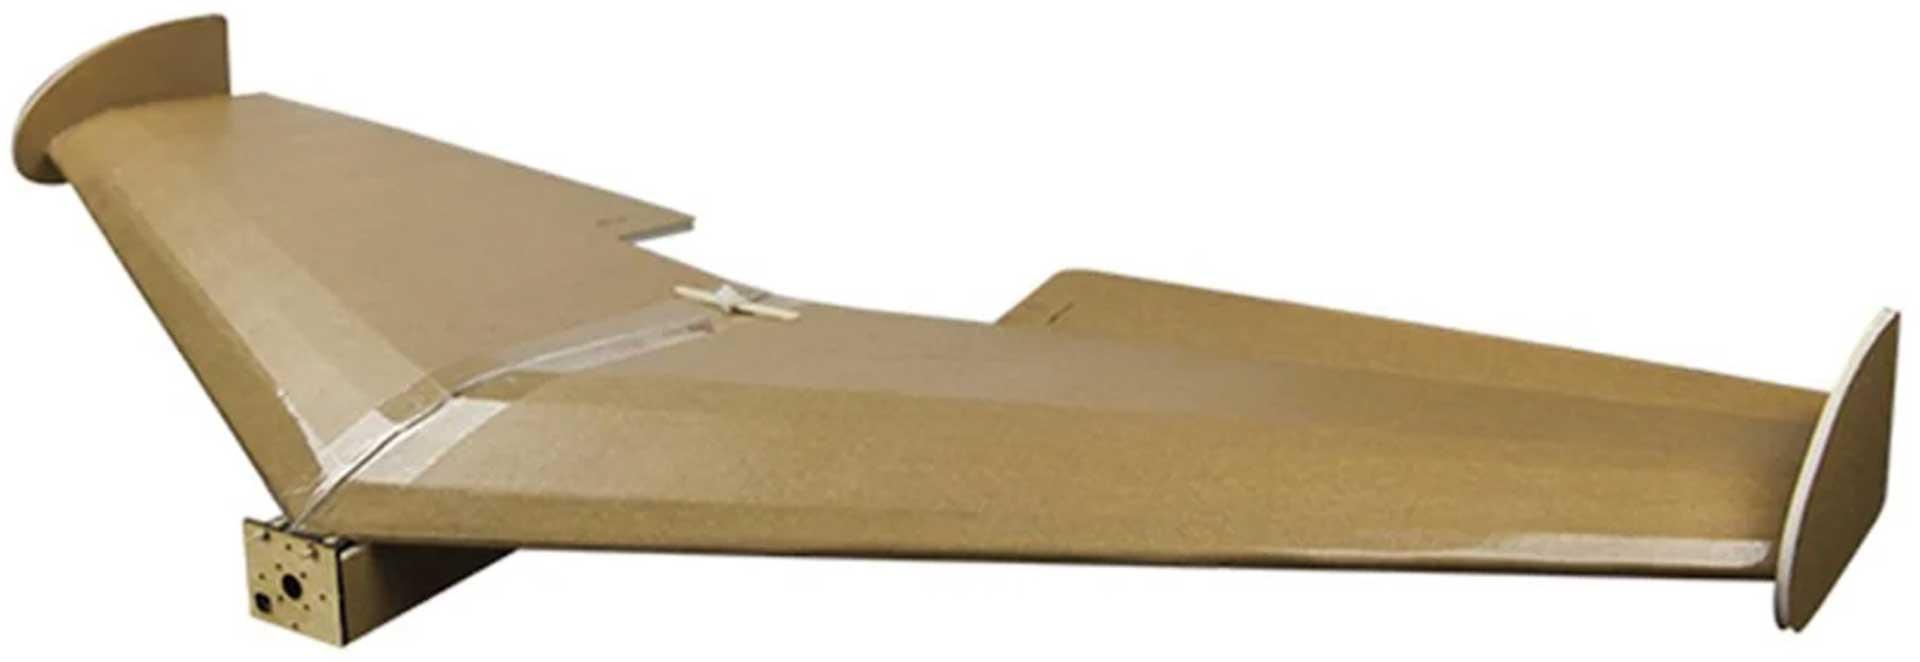 FLITE TEST Versa Wing Speed Build Bausatz Kit (965mm)